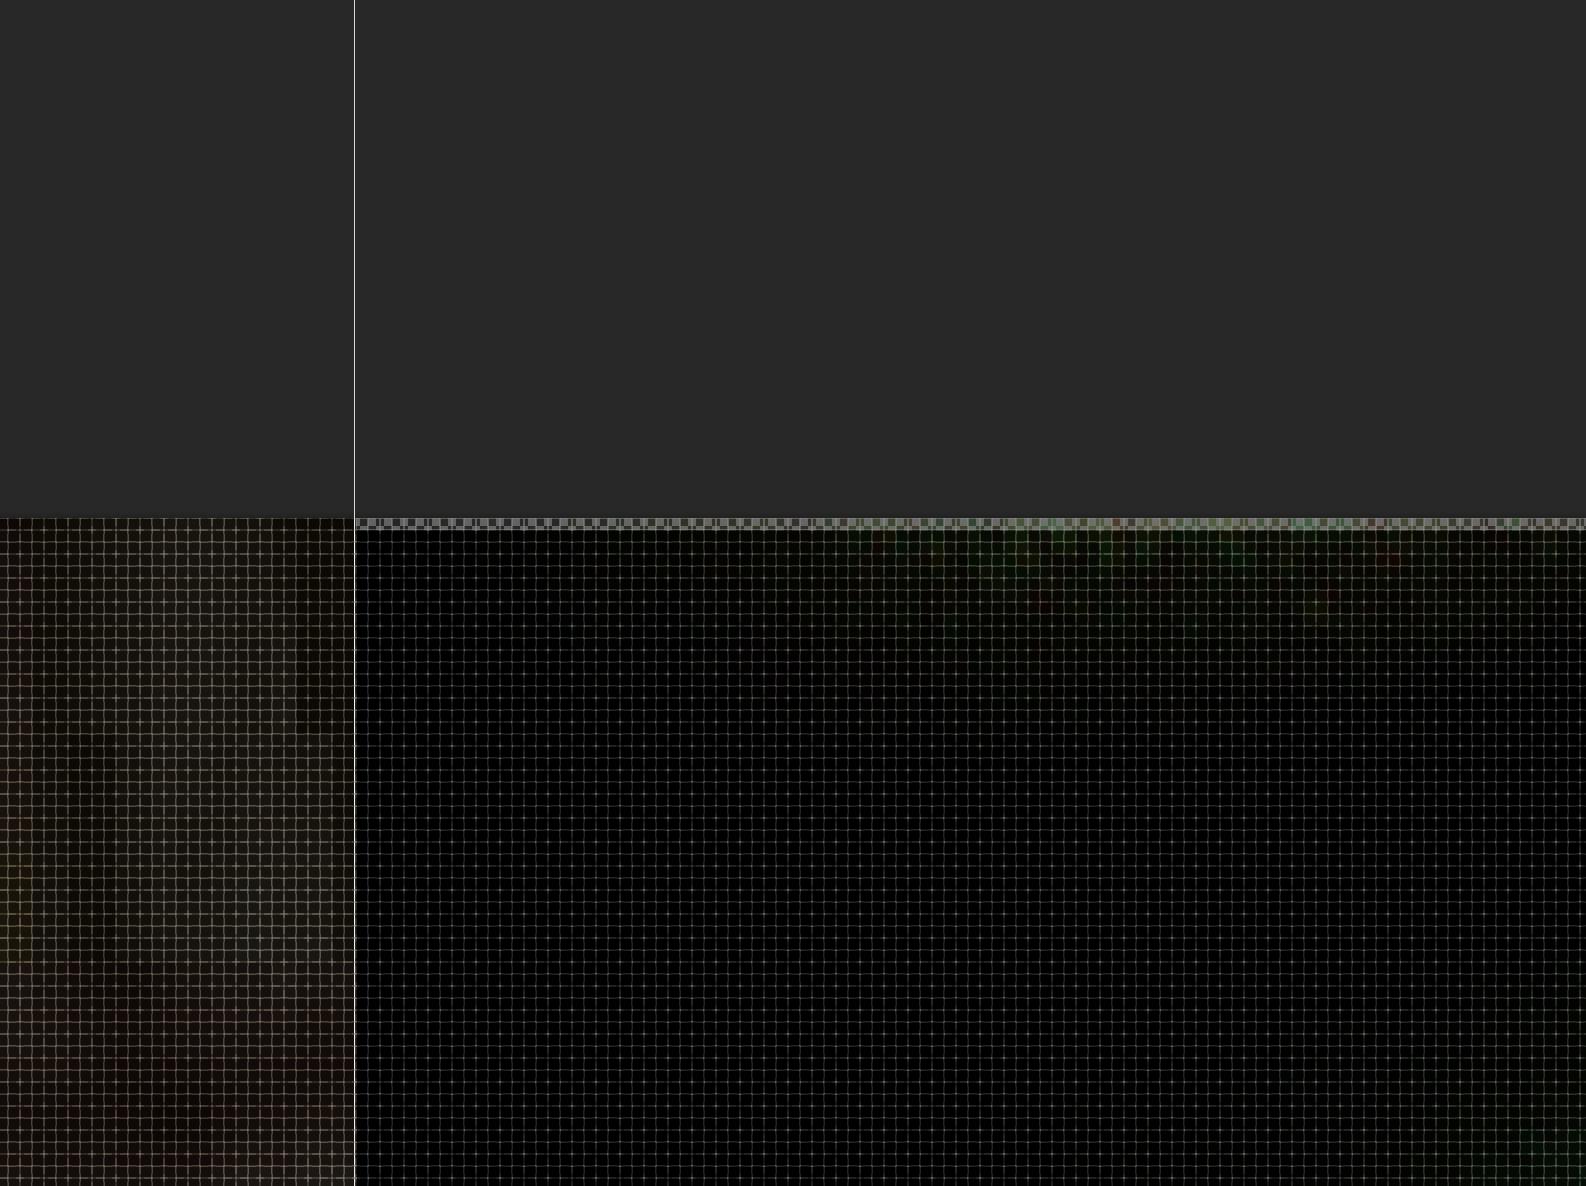 スクリーンショット 2015-01-16 6.39.22